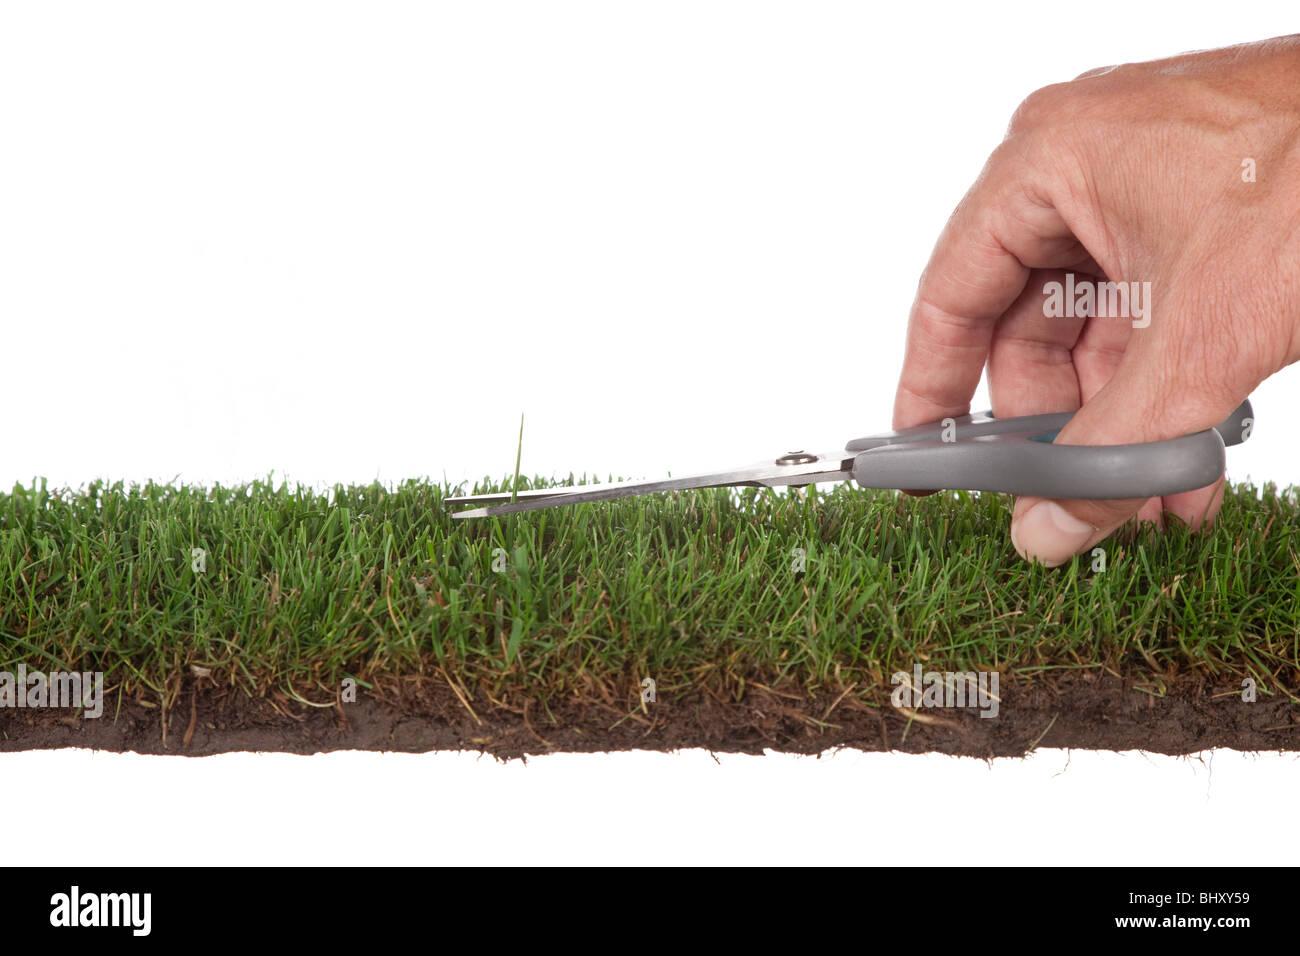 Vorbereitung der green.metaphor für Service und Perfektion Stockbild